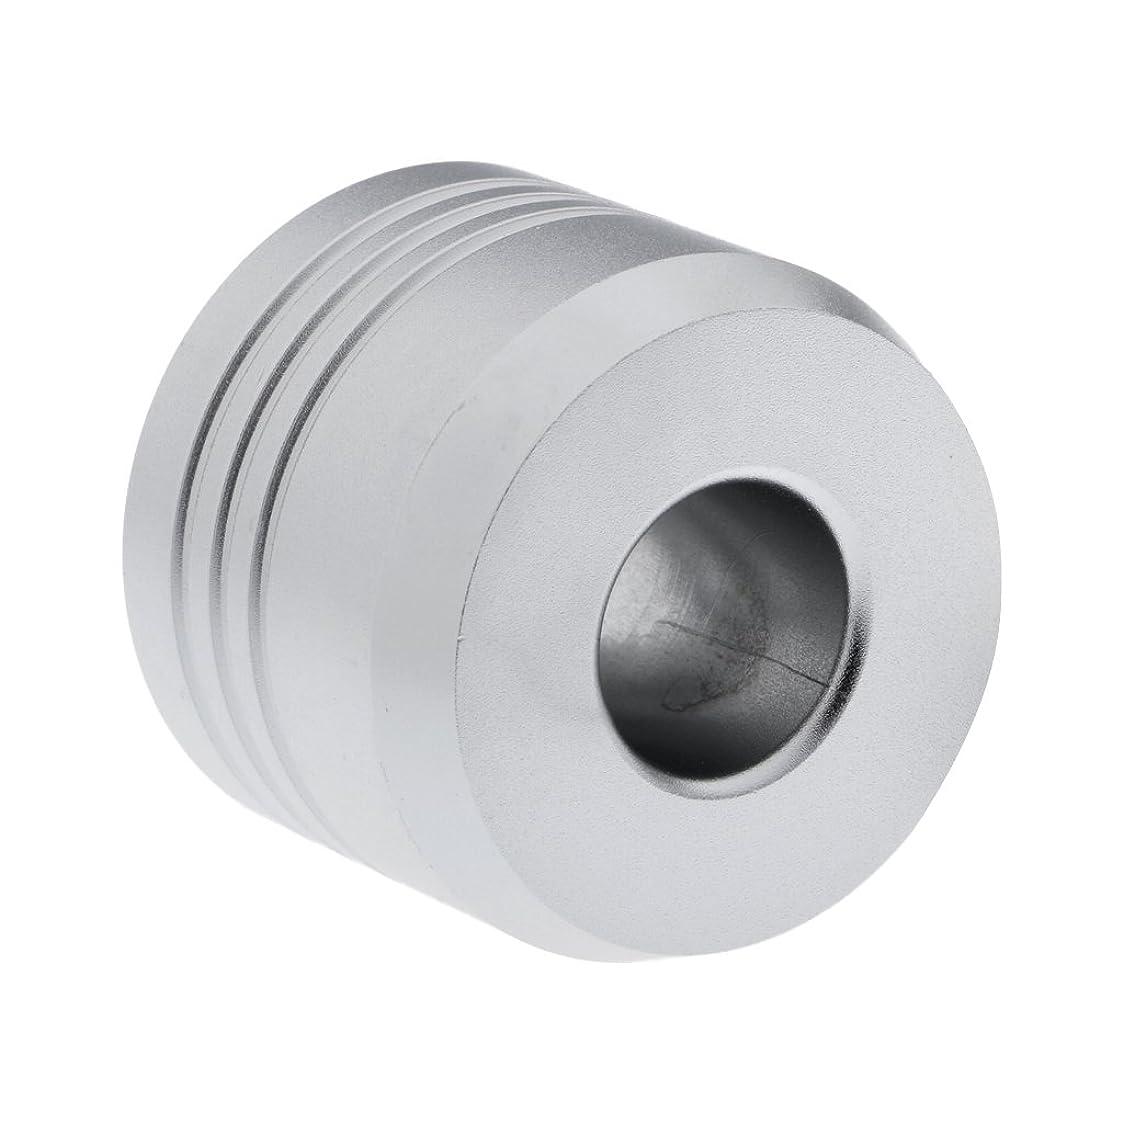 無関心著名な亡命Homyl カミソリスタンド スタンド シェービング カミソリホルダー ベース サポート 調節可 ミニサイズ デザイン 場所を節約 2色選べ   - 銀